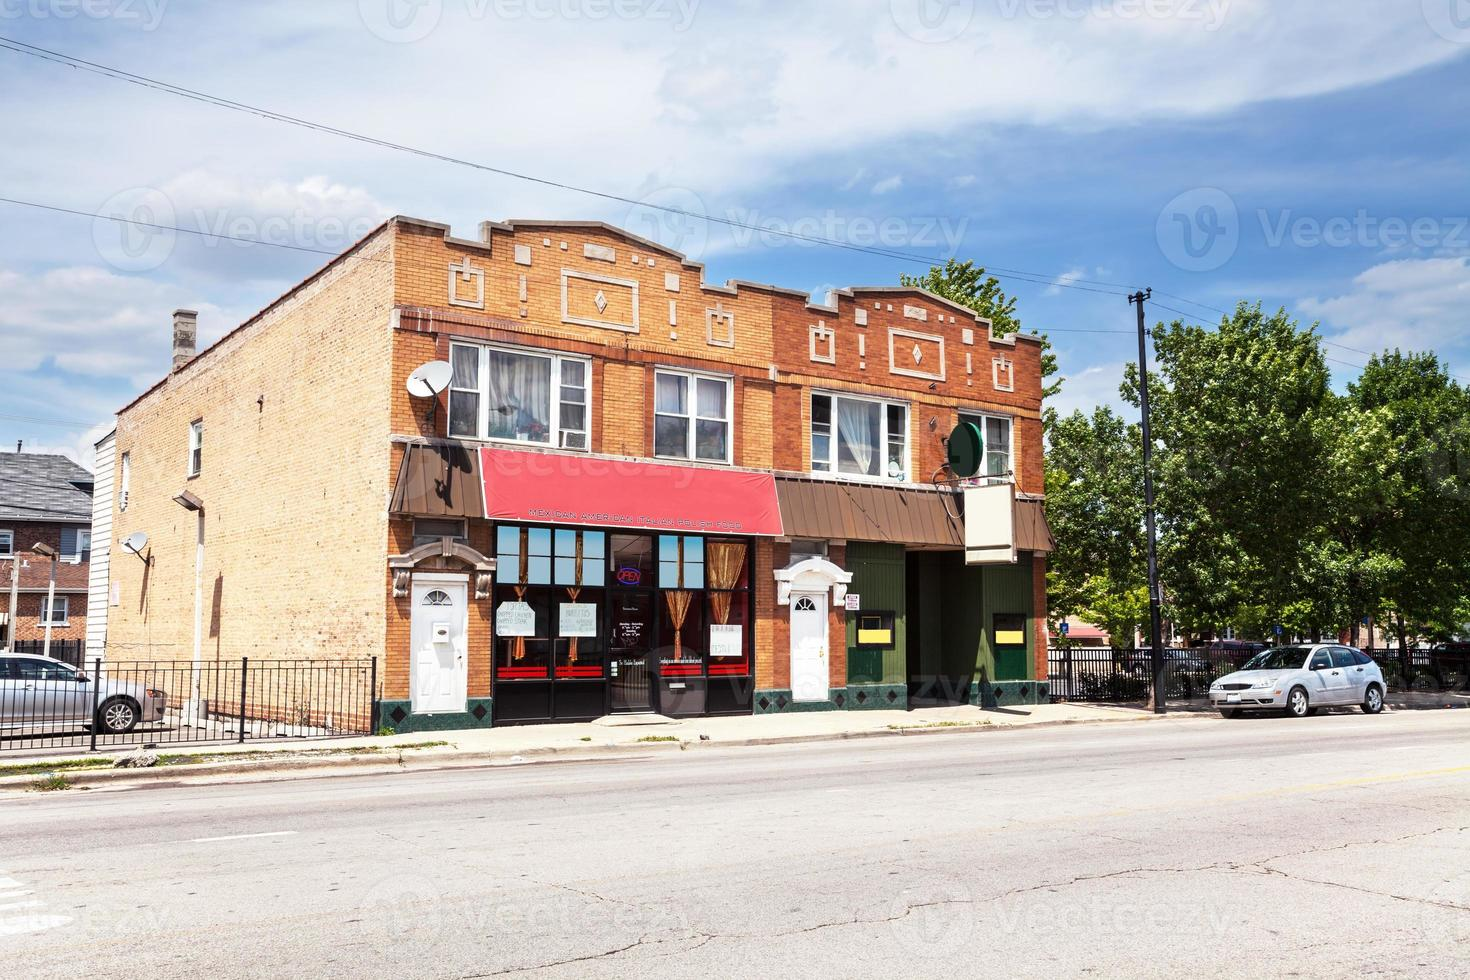 bar e ristorante nelle vicinanze di Archer Heights, Chicago foto